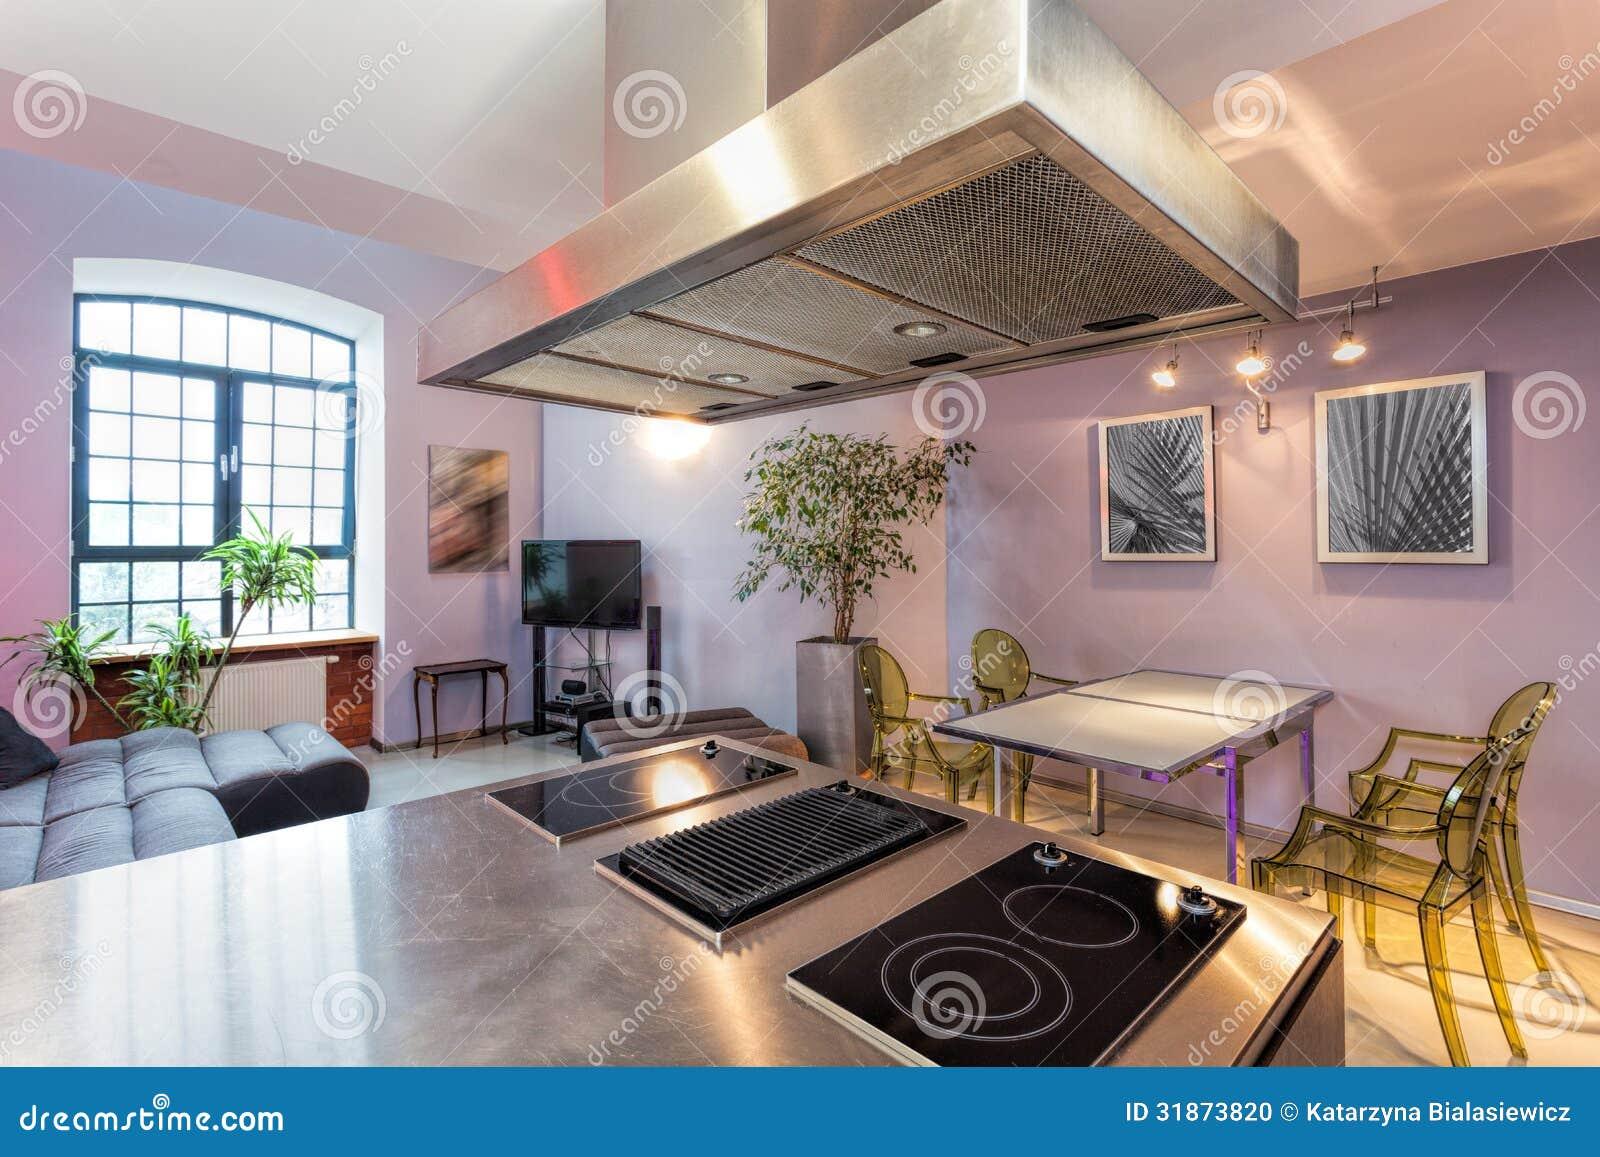 Cocina con la sala de estar foto de archivo imagen de for Sala de estar estancia cocina abierta